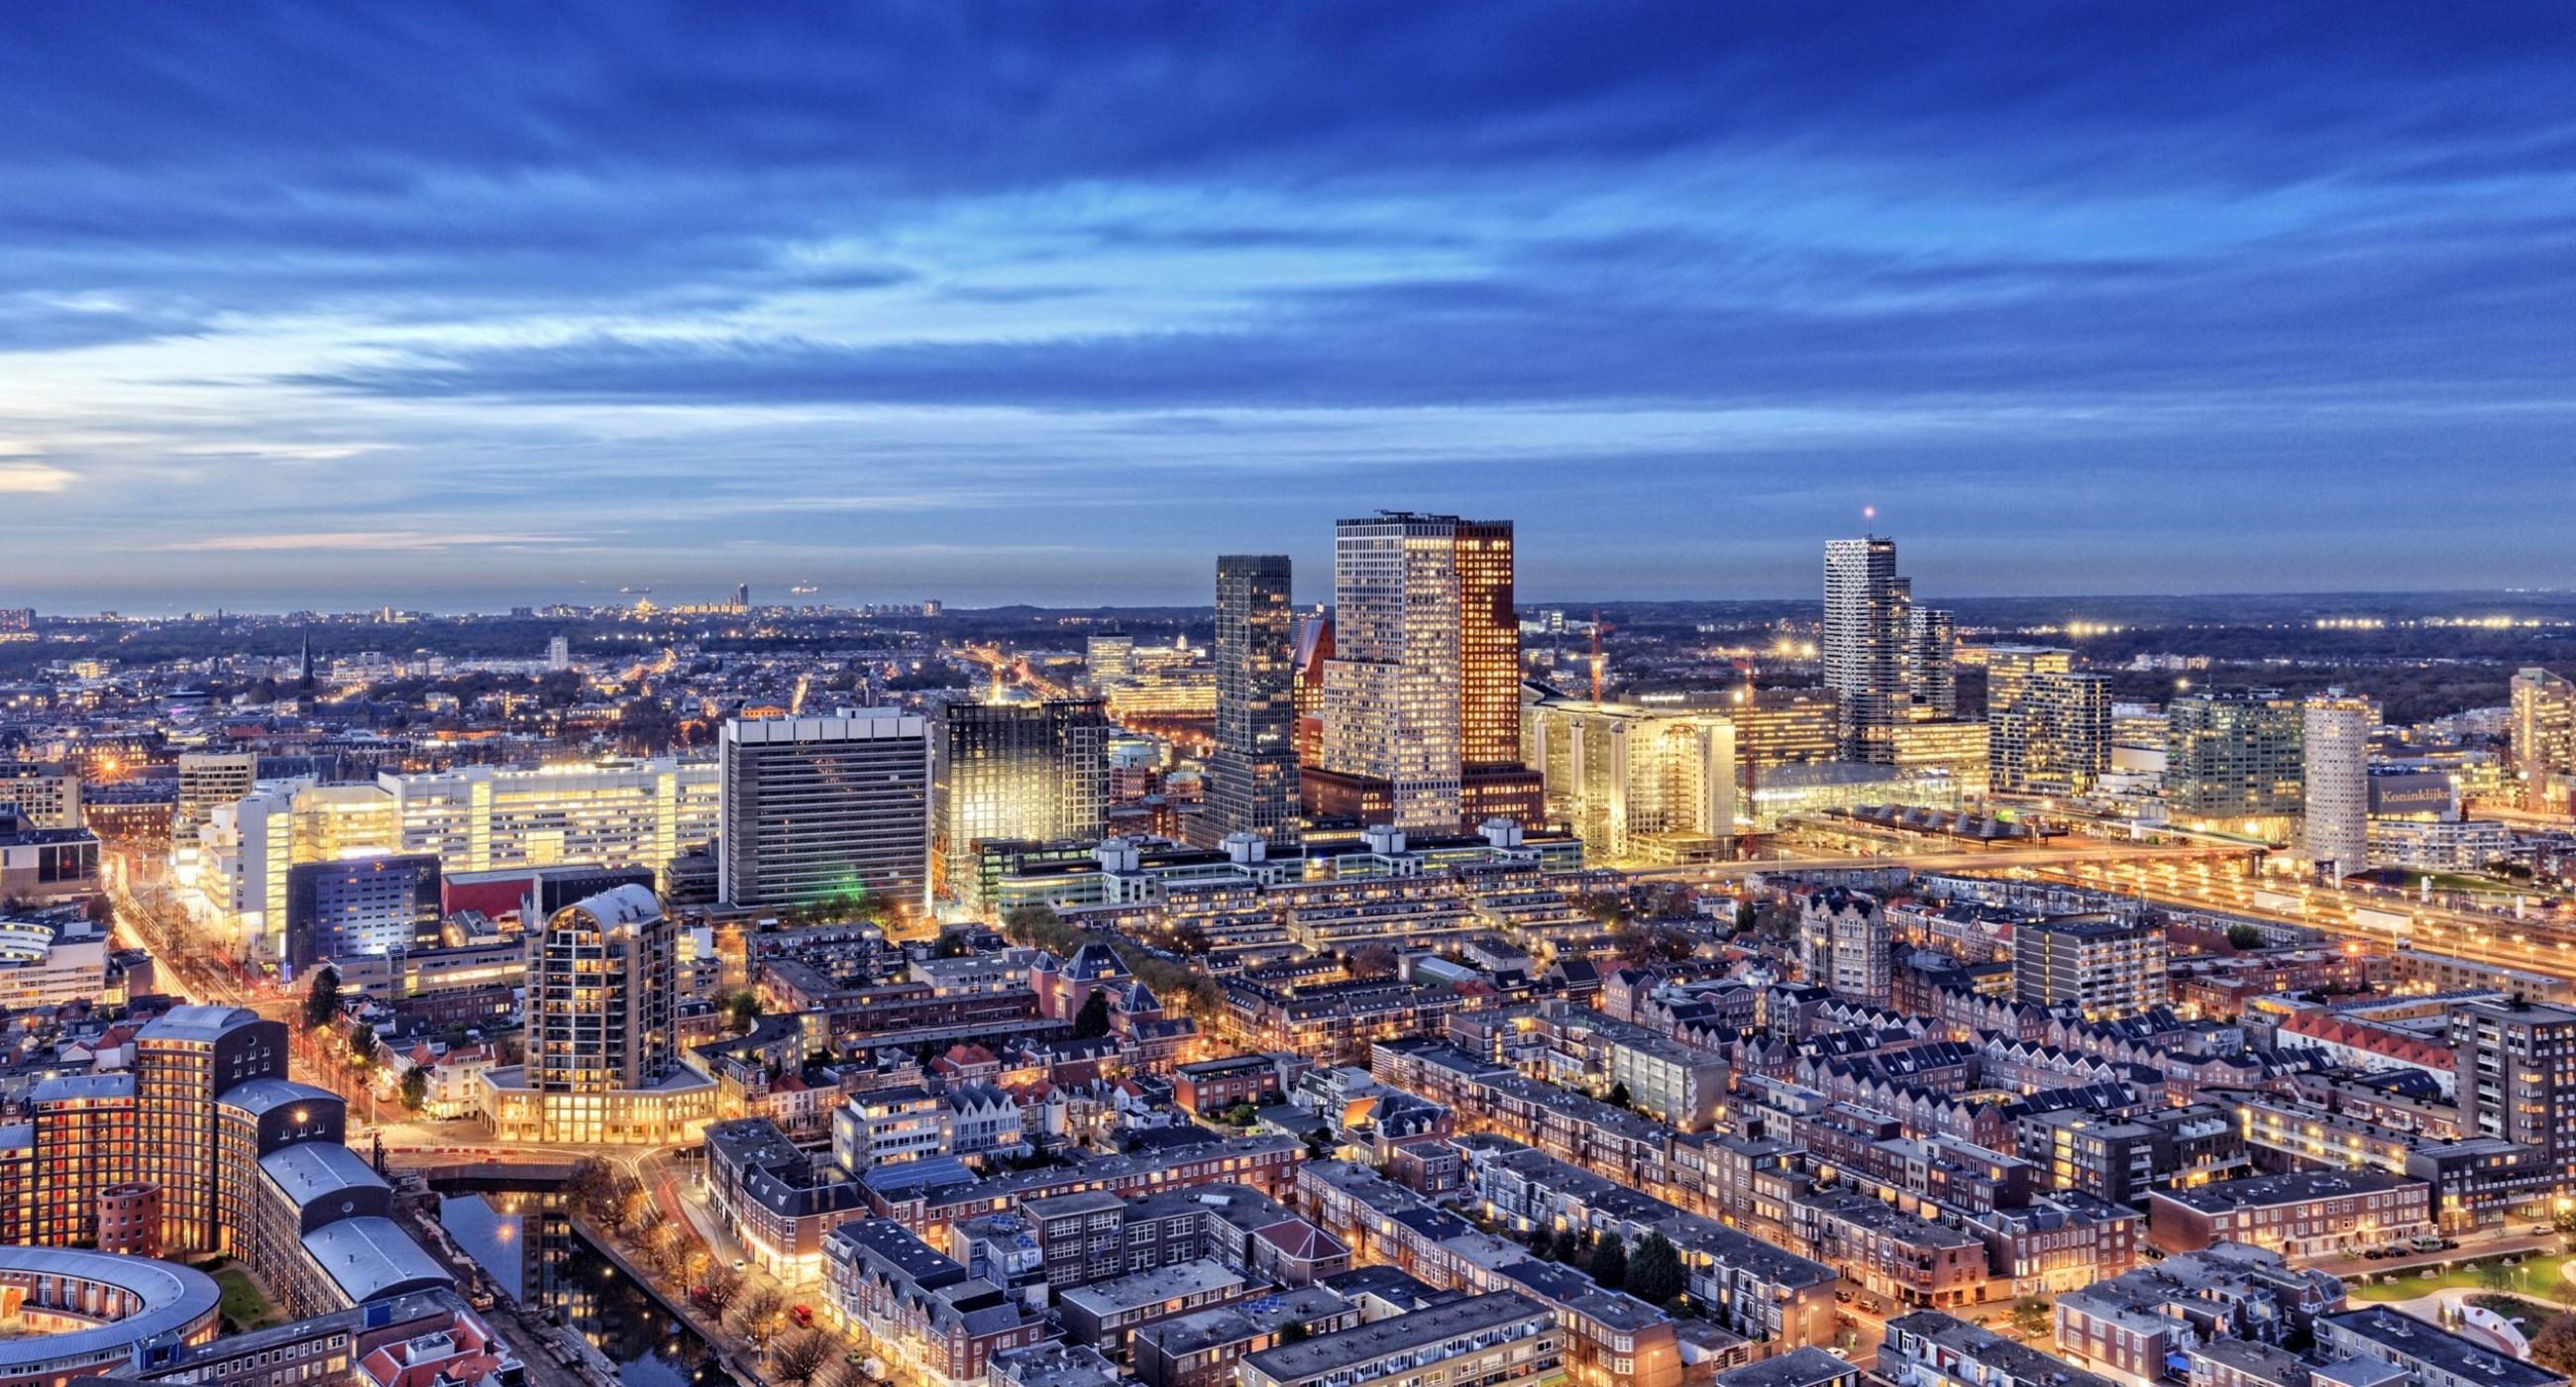 De Stad Den Haag